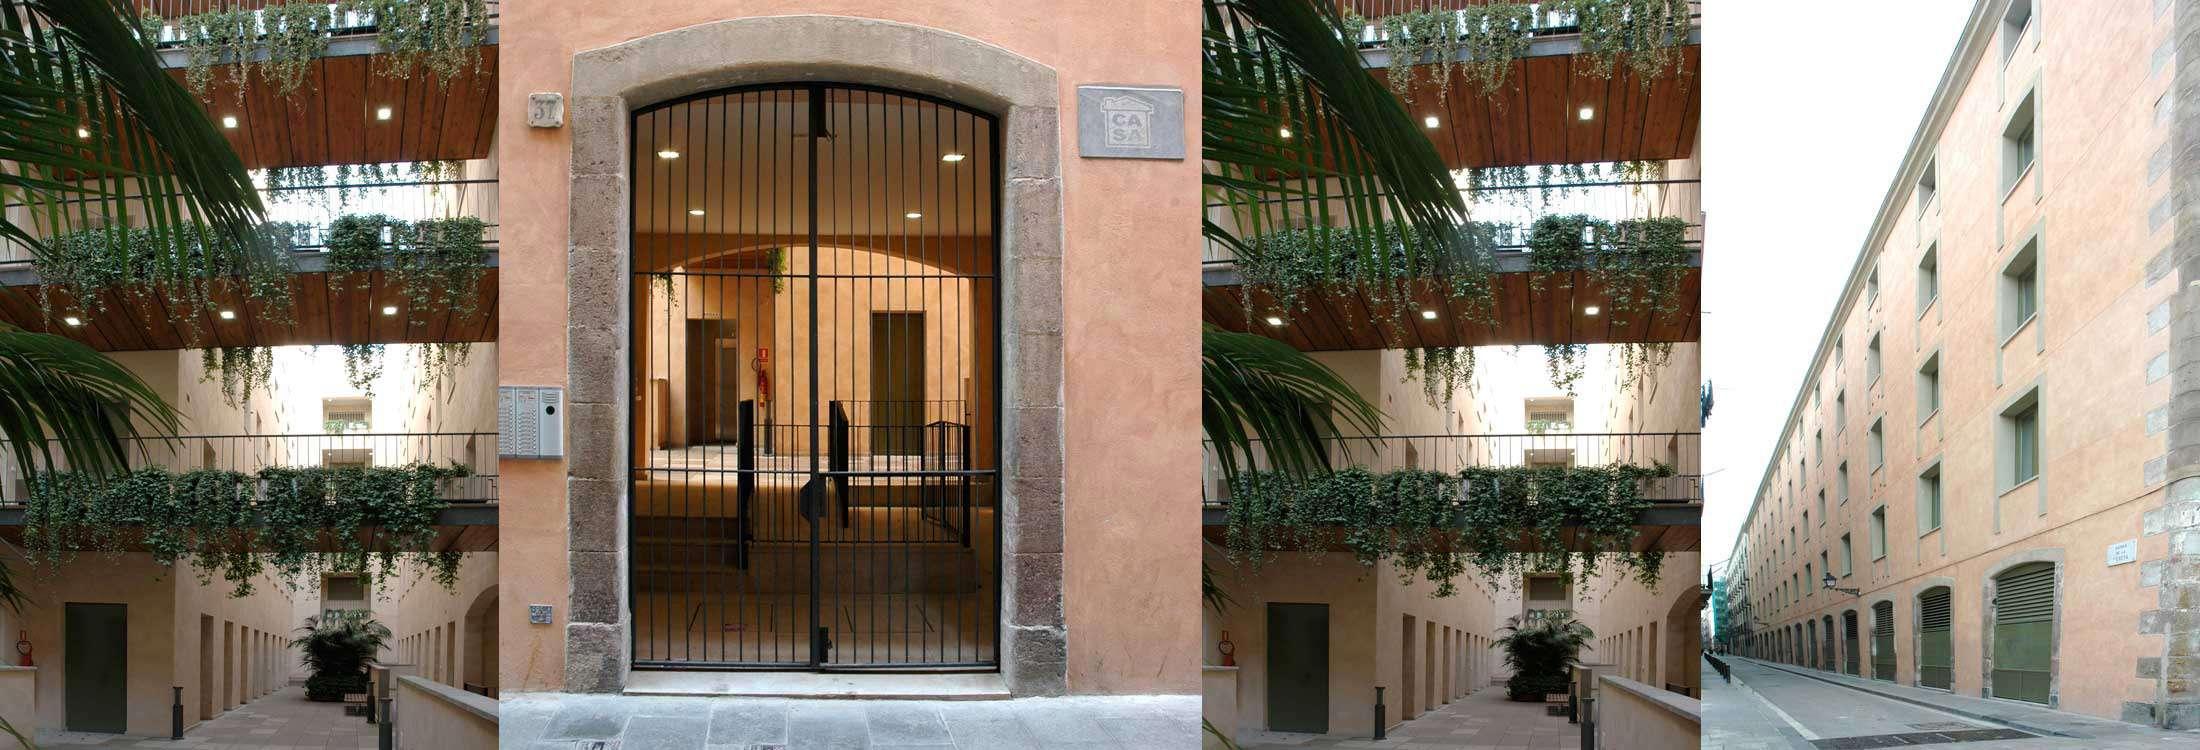 CASA Barcelona Obra nueva Barcelona Pisos nuevos Barcelona Riereta